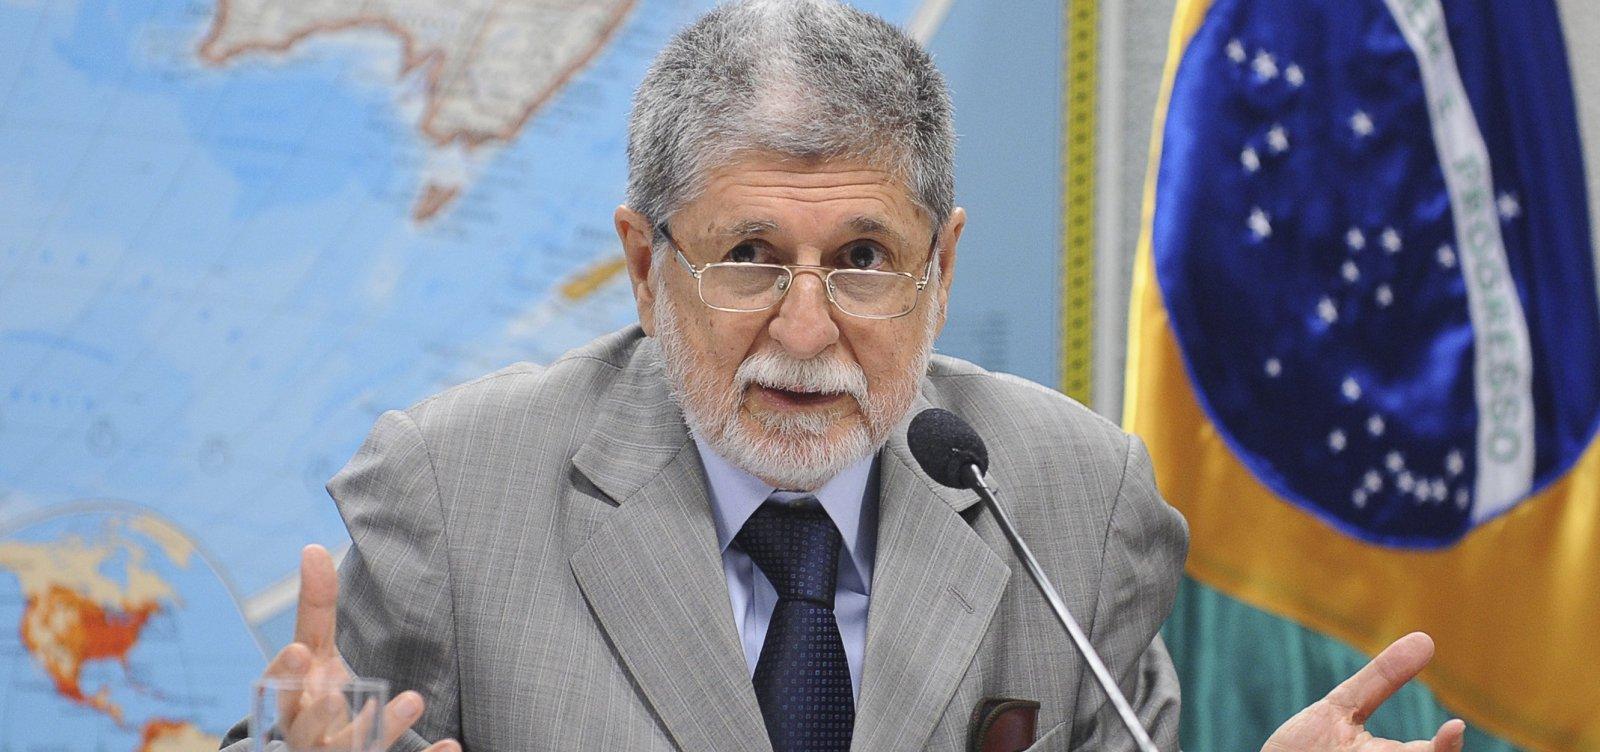 Ex-chanceler Celso Amorim diz que Brasil quer fazer um 'Brexit' no Mercosul